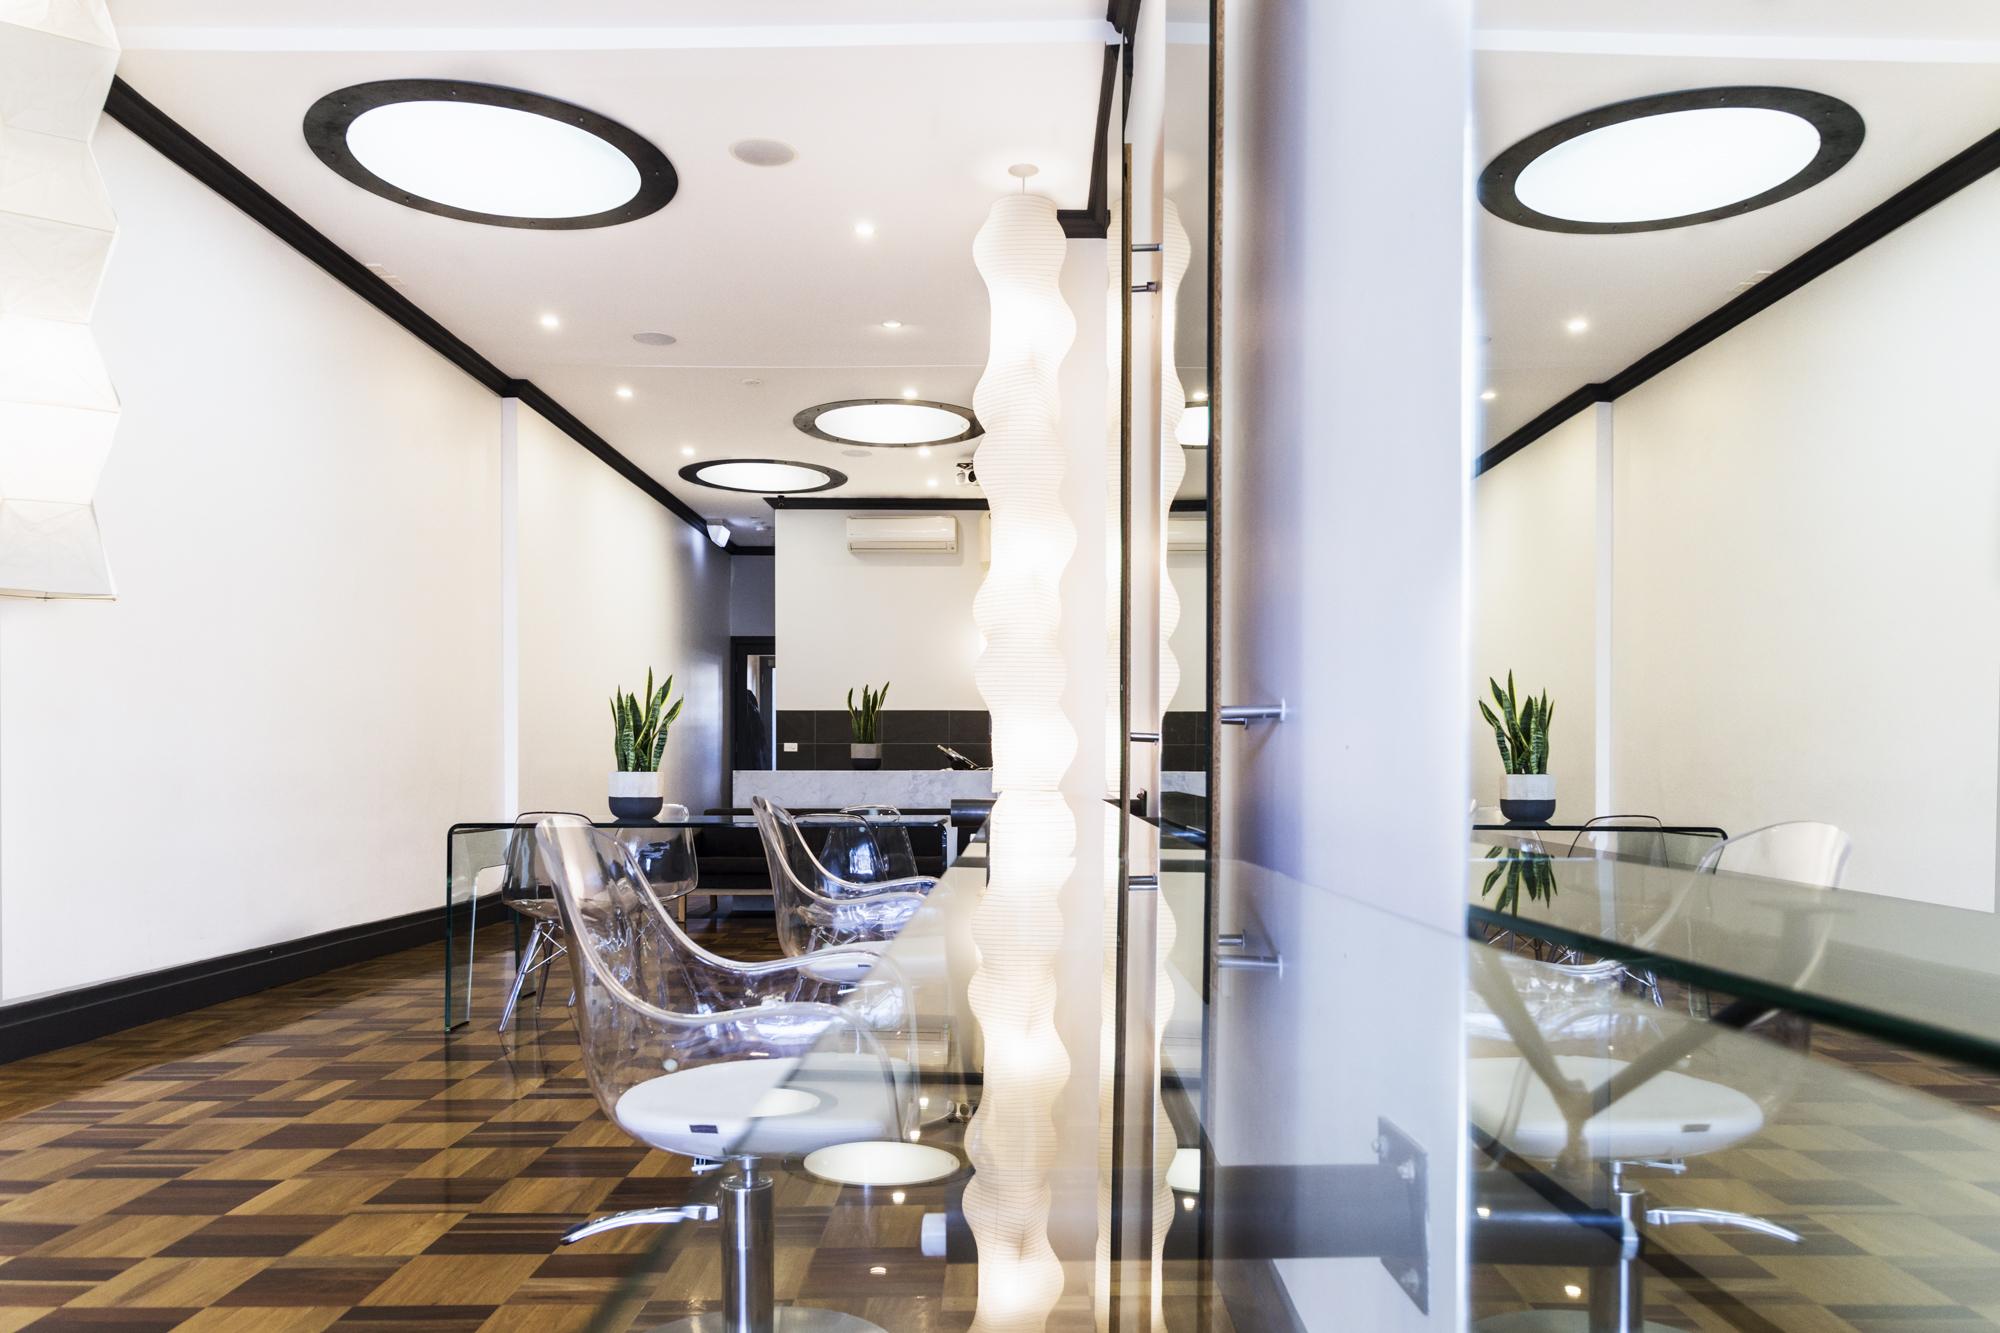 strugnellcole salon-1.jpg